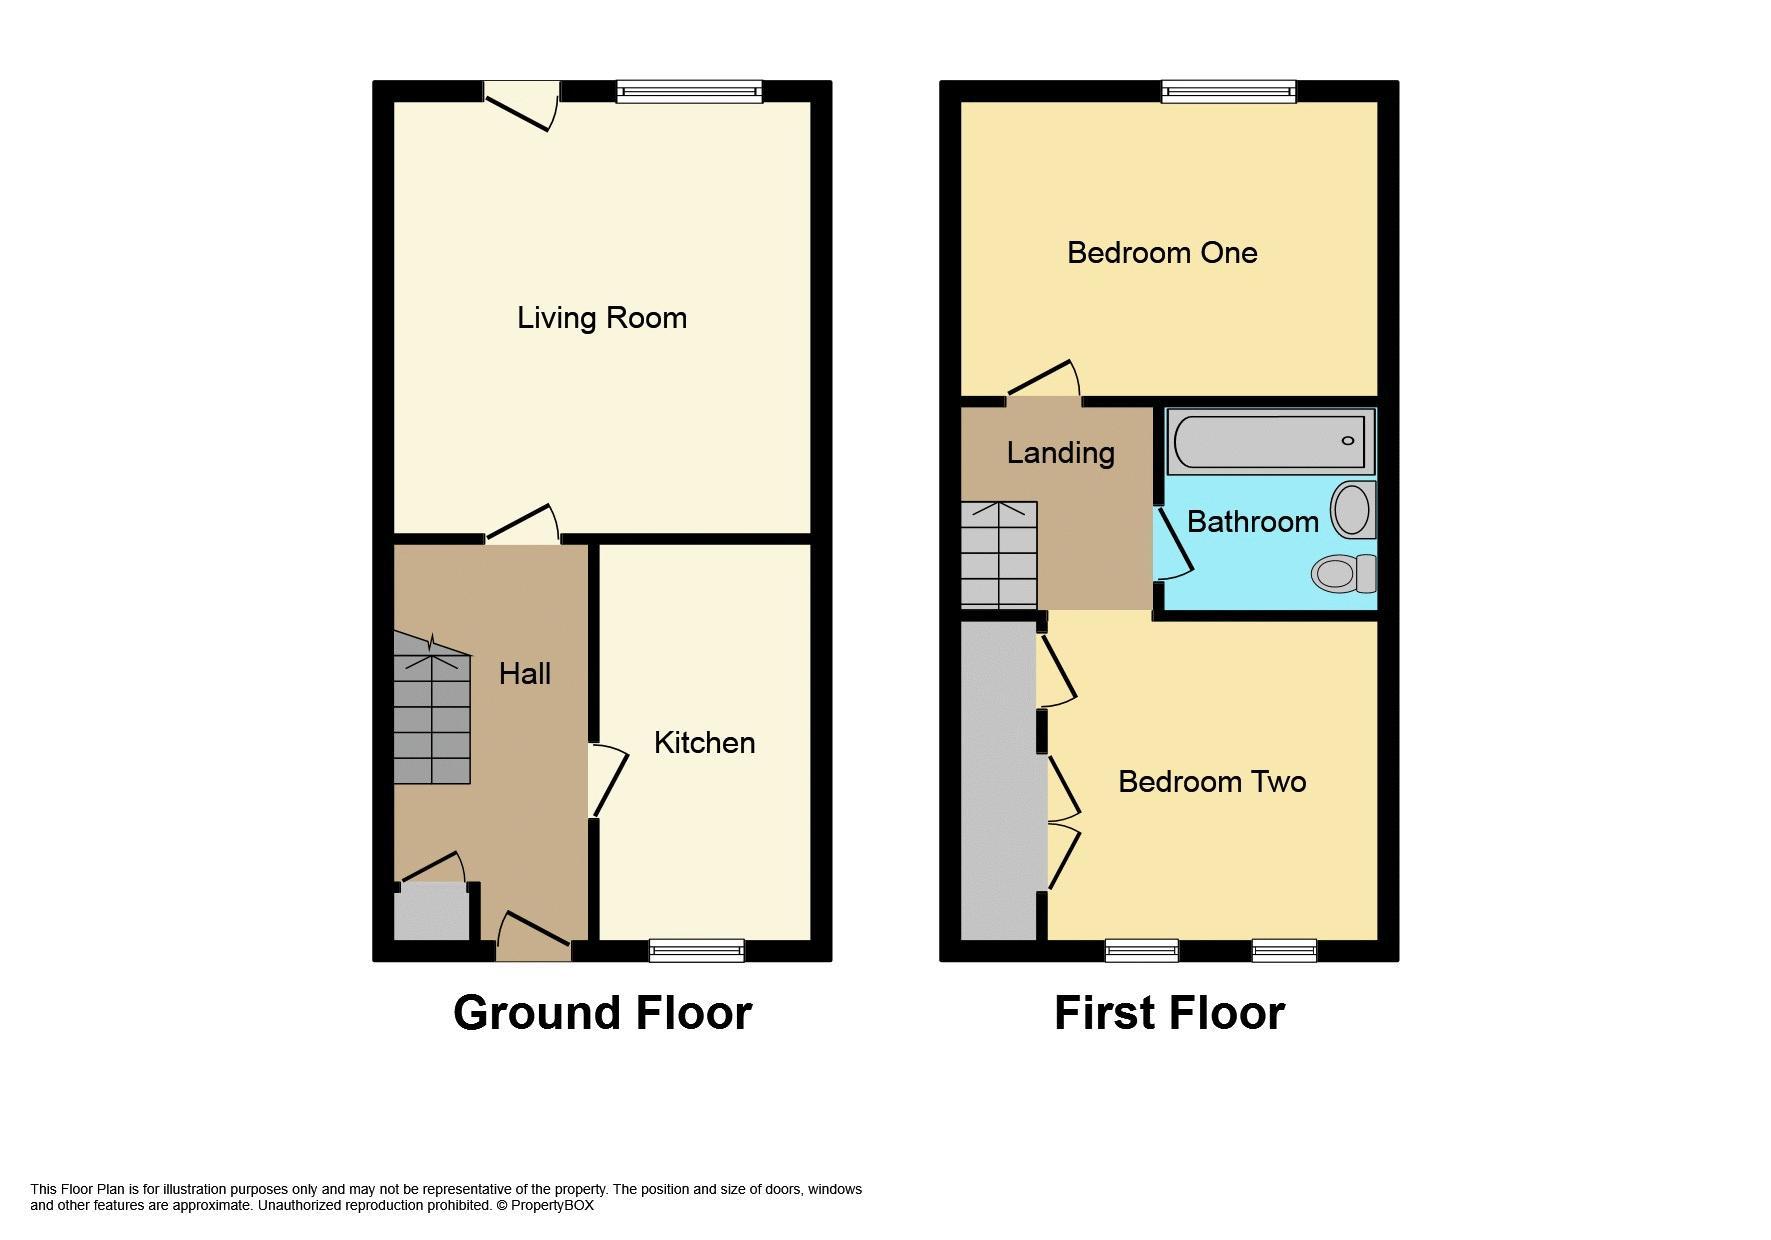 55 Smith Field Floorplan